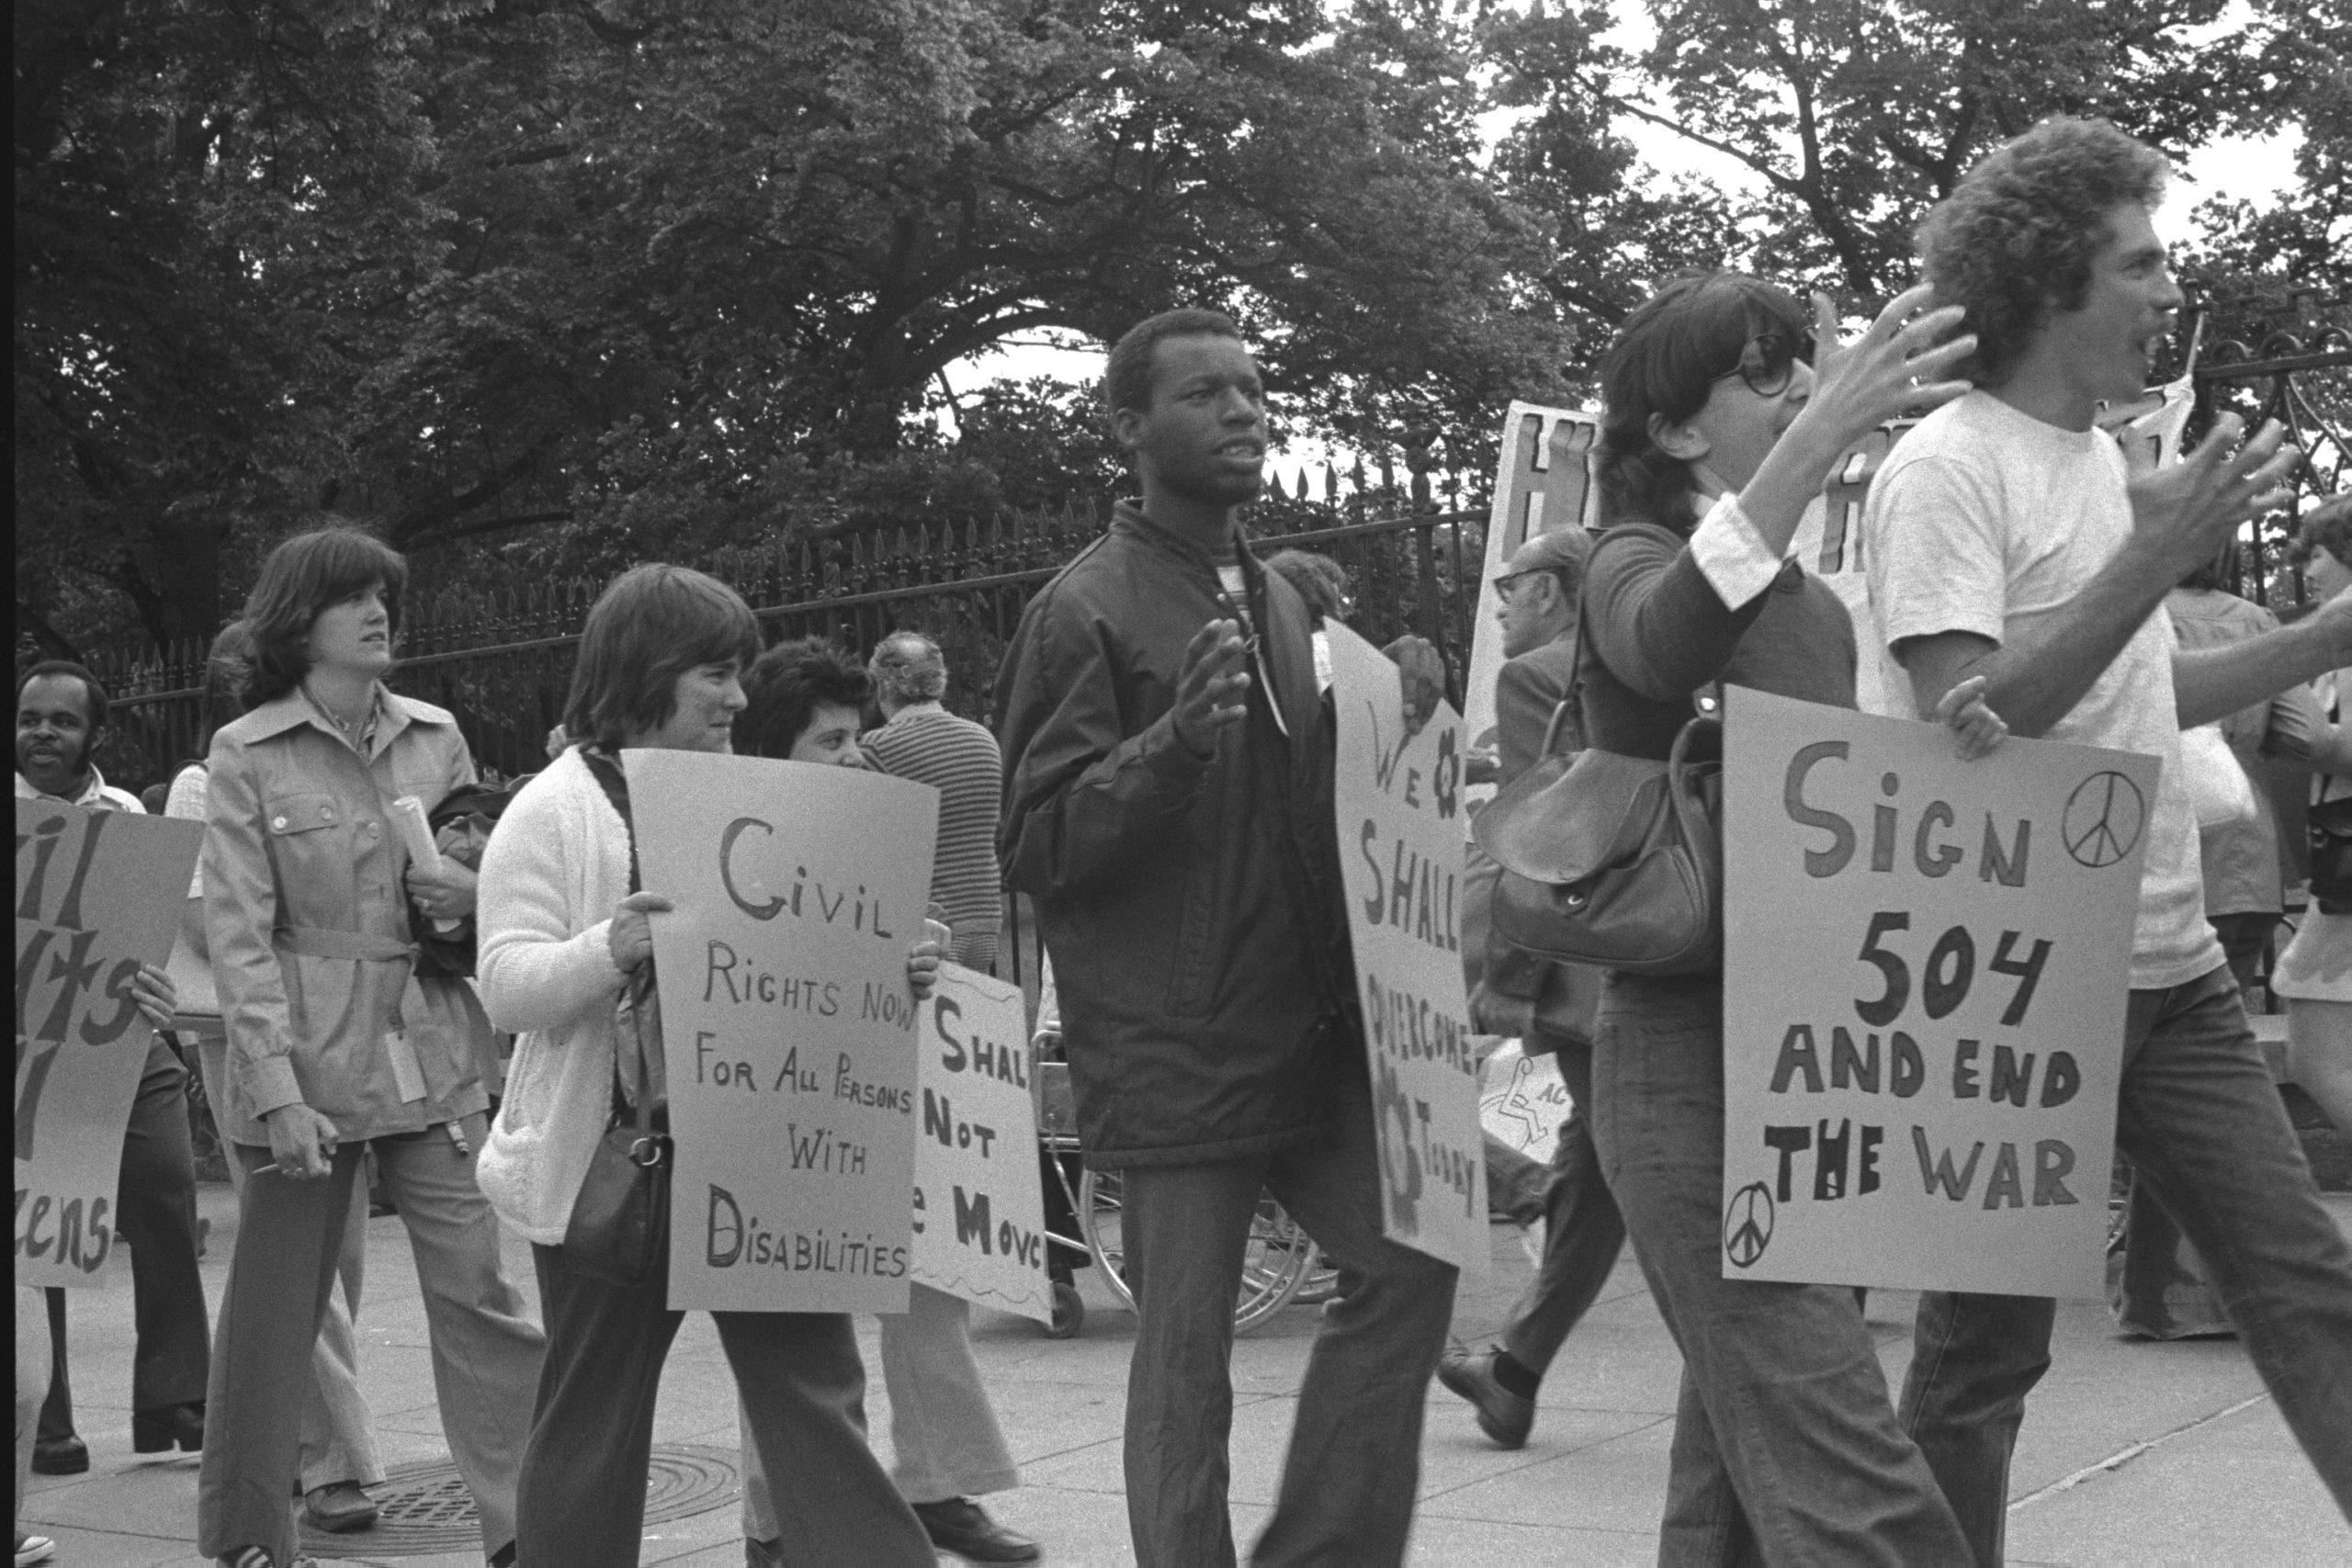 Personas manifestándose con carteles en lucha por los derechos de las personas con discapacidad para la toma de favor de la sección 504 en Estados Unidos. Las personas están manifestandose pacificamente con carteles que dicen: Derechos civiles ahora para todas las personas con discacapcidad, sección 504 y fin de la guerra...